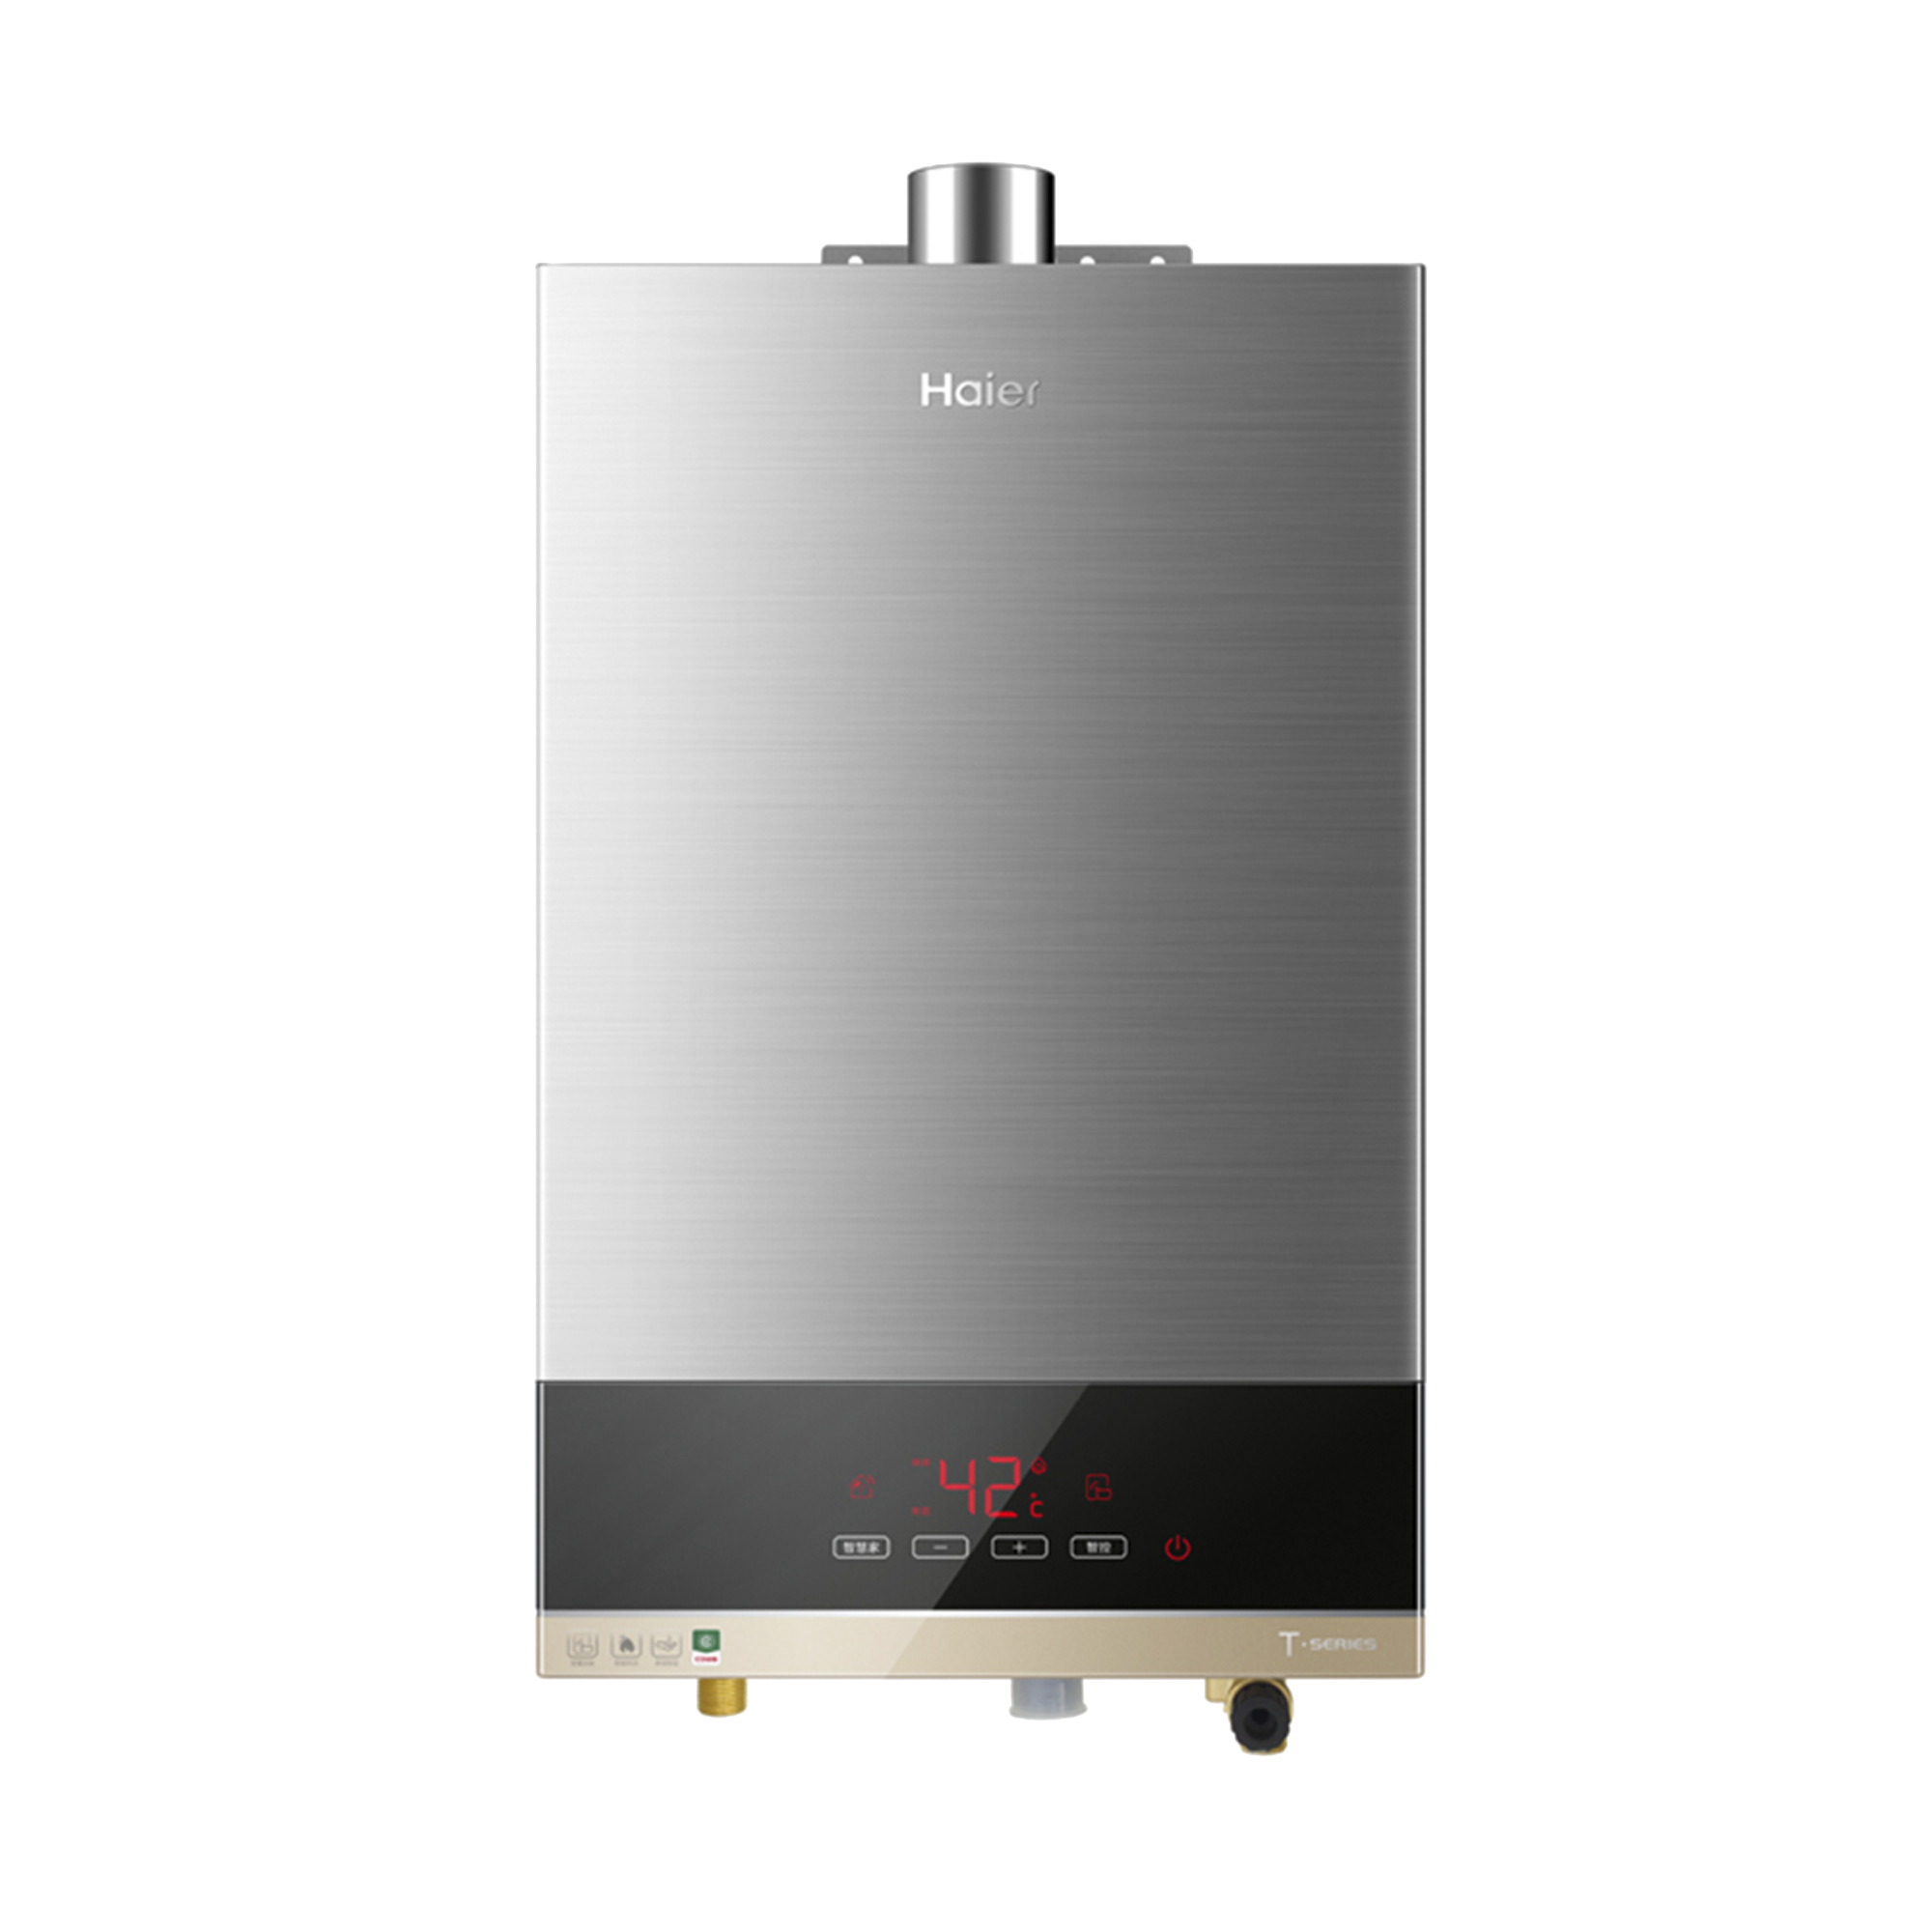 燃气热水器JSQ24-T2S(12T)